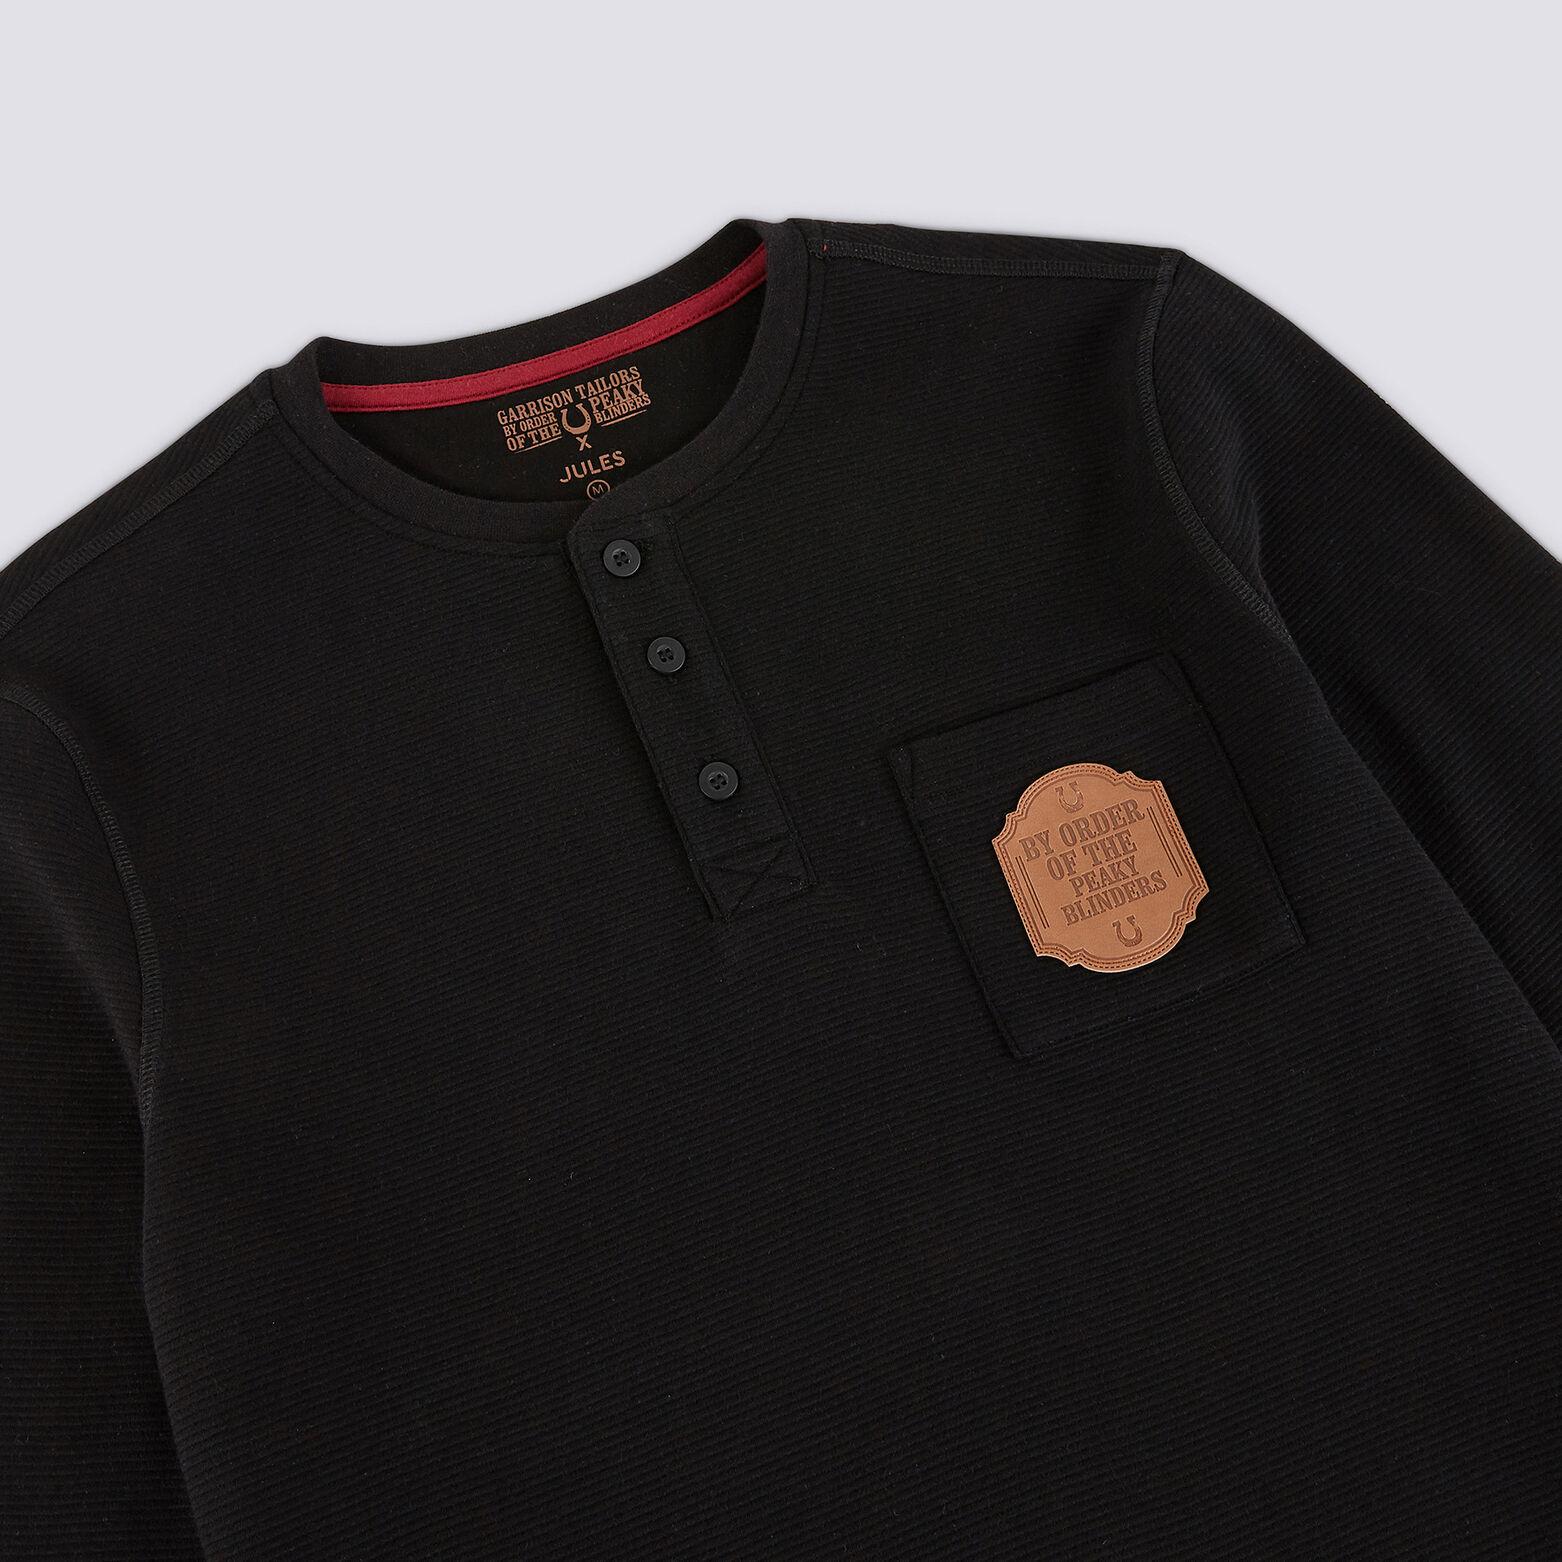 Tee shirt col tunisien Peaky Blinders.